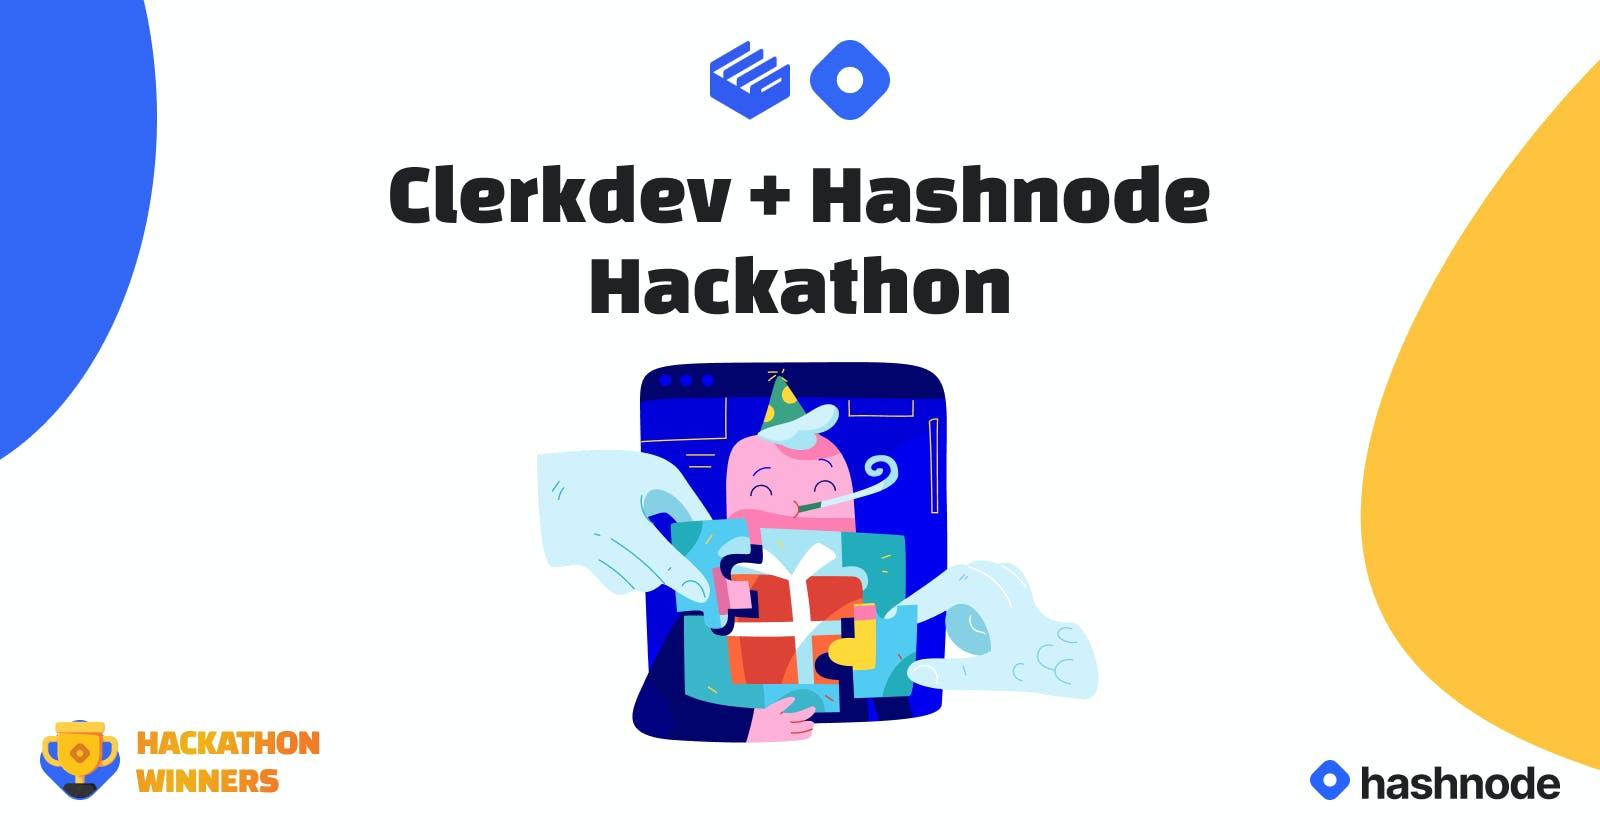 ClerkDev + Hashnode Hackathon Winners✨